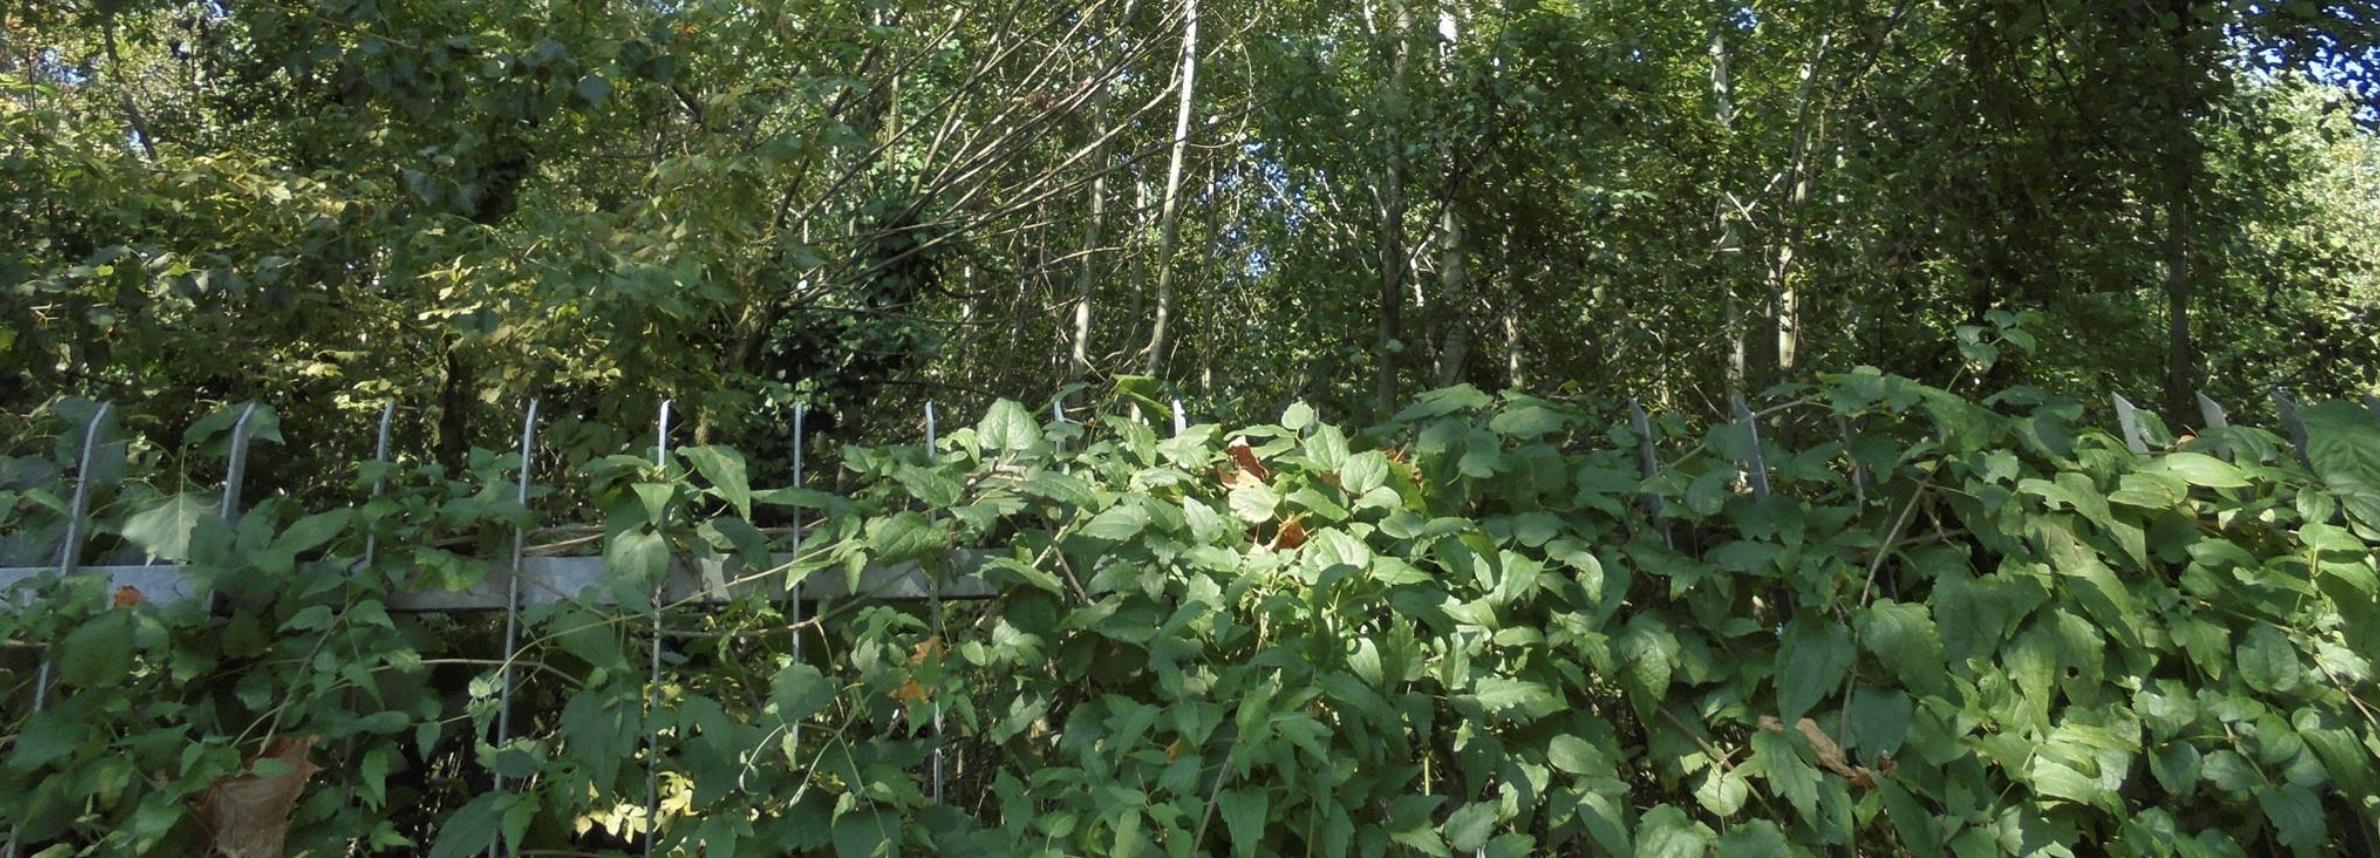 NO alla cessione dell'ultimo bosco spontaneo Rozzano e il circondario si mobilitano